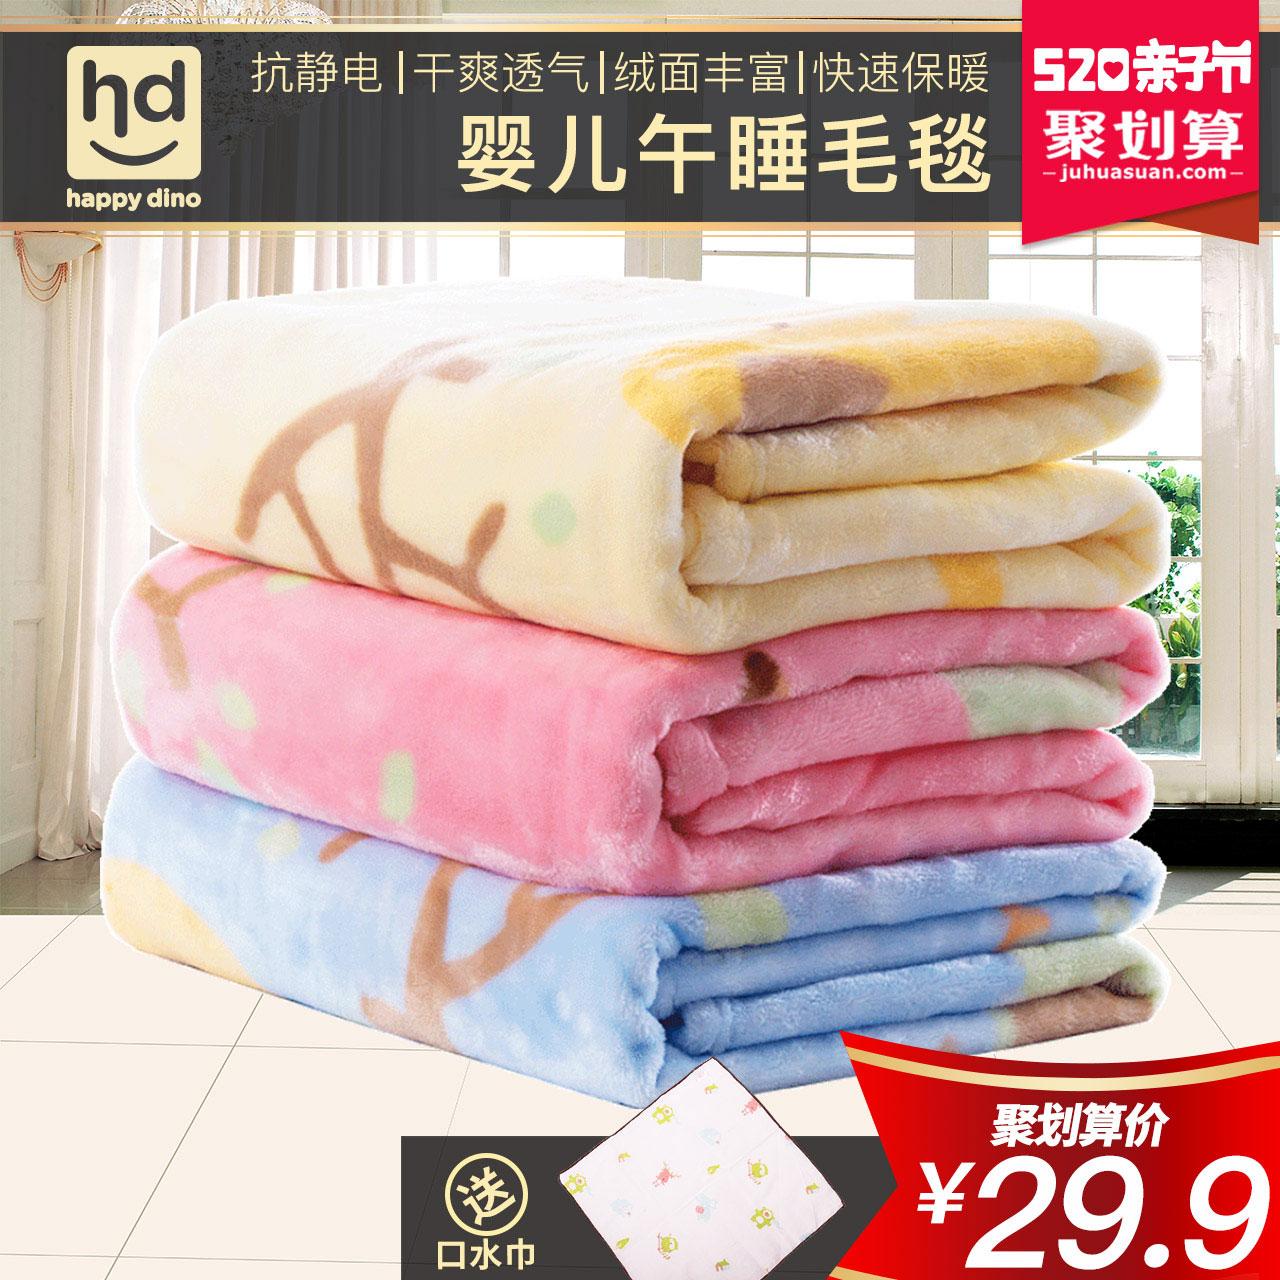 小龙哈彼春夏婴儿毛毯法兰绒毛毯LMT300